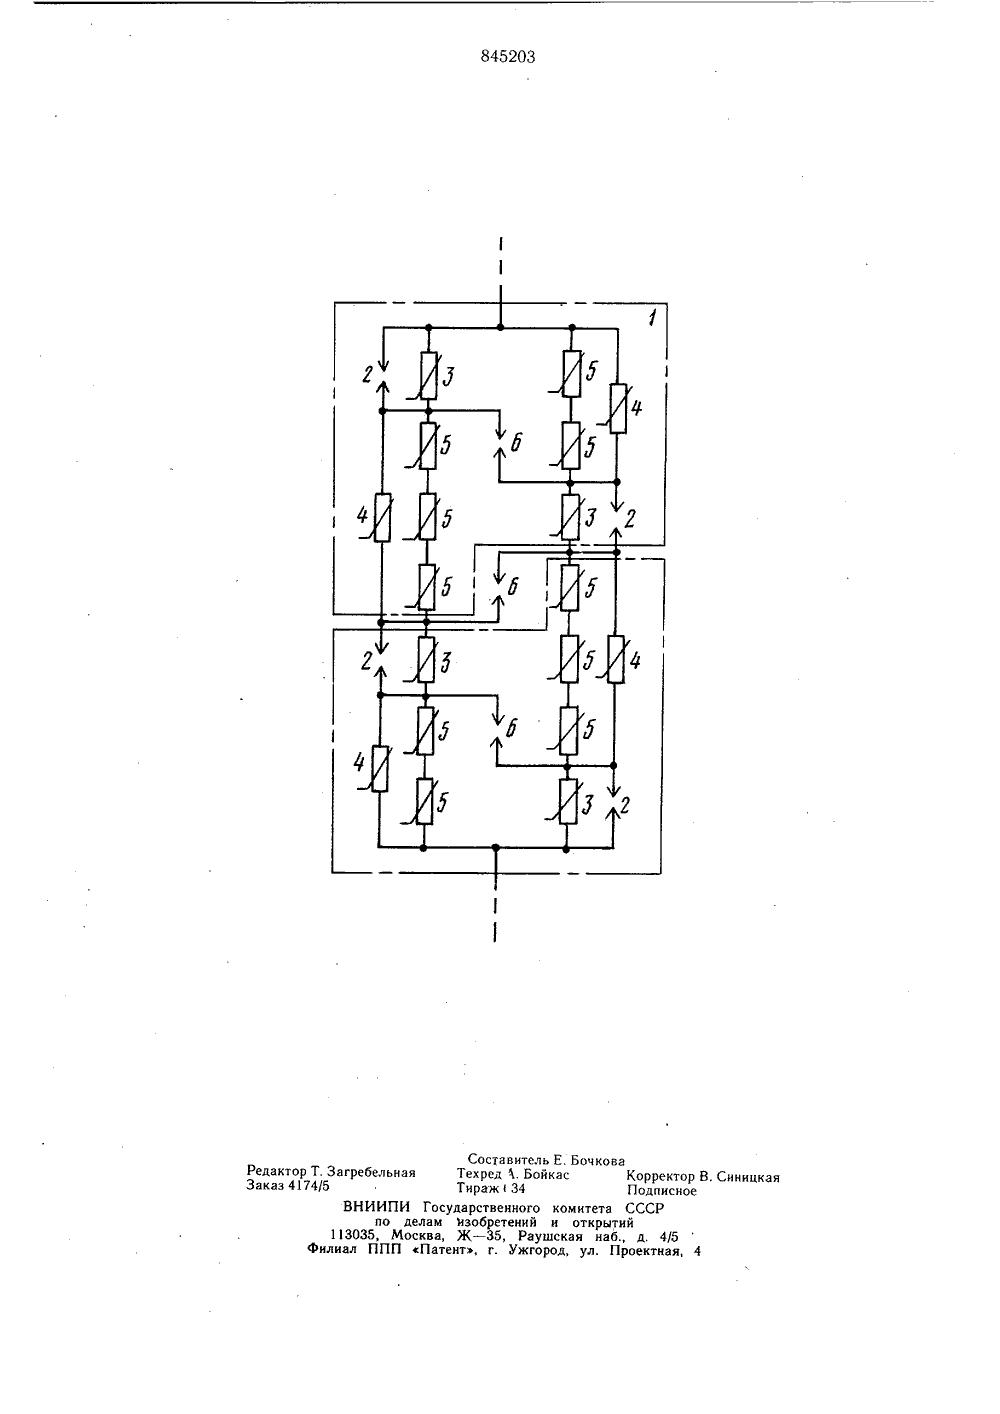 вентильные разрядники принципиальная схема